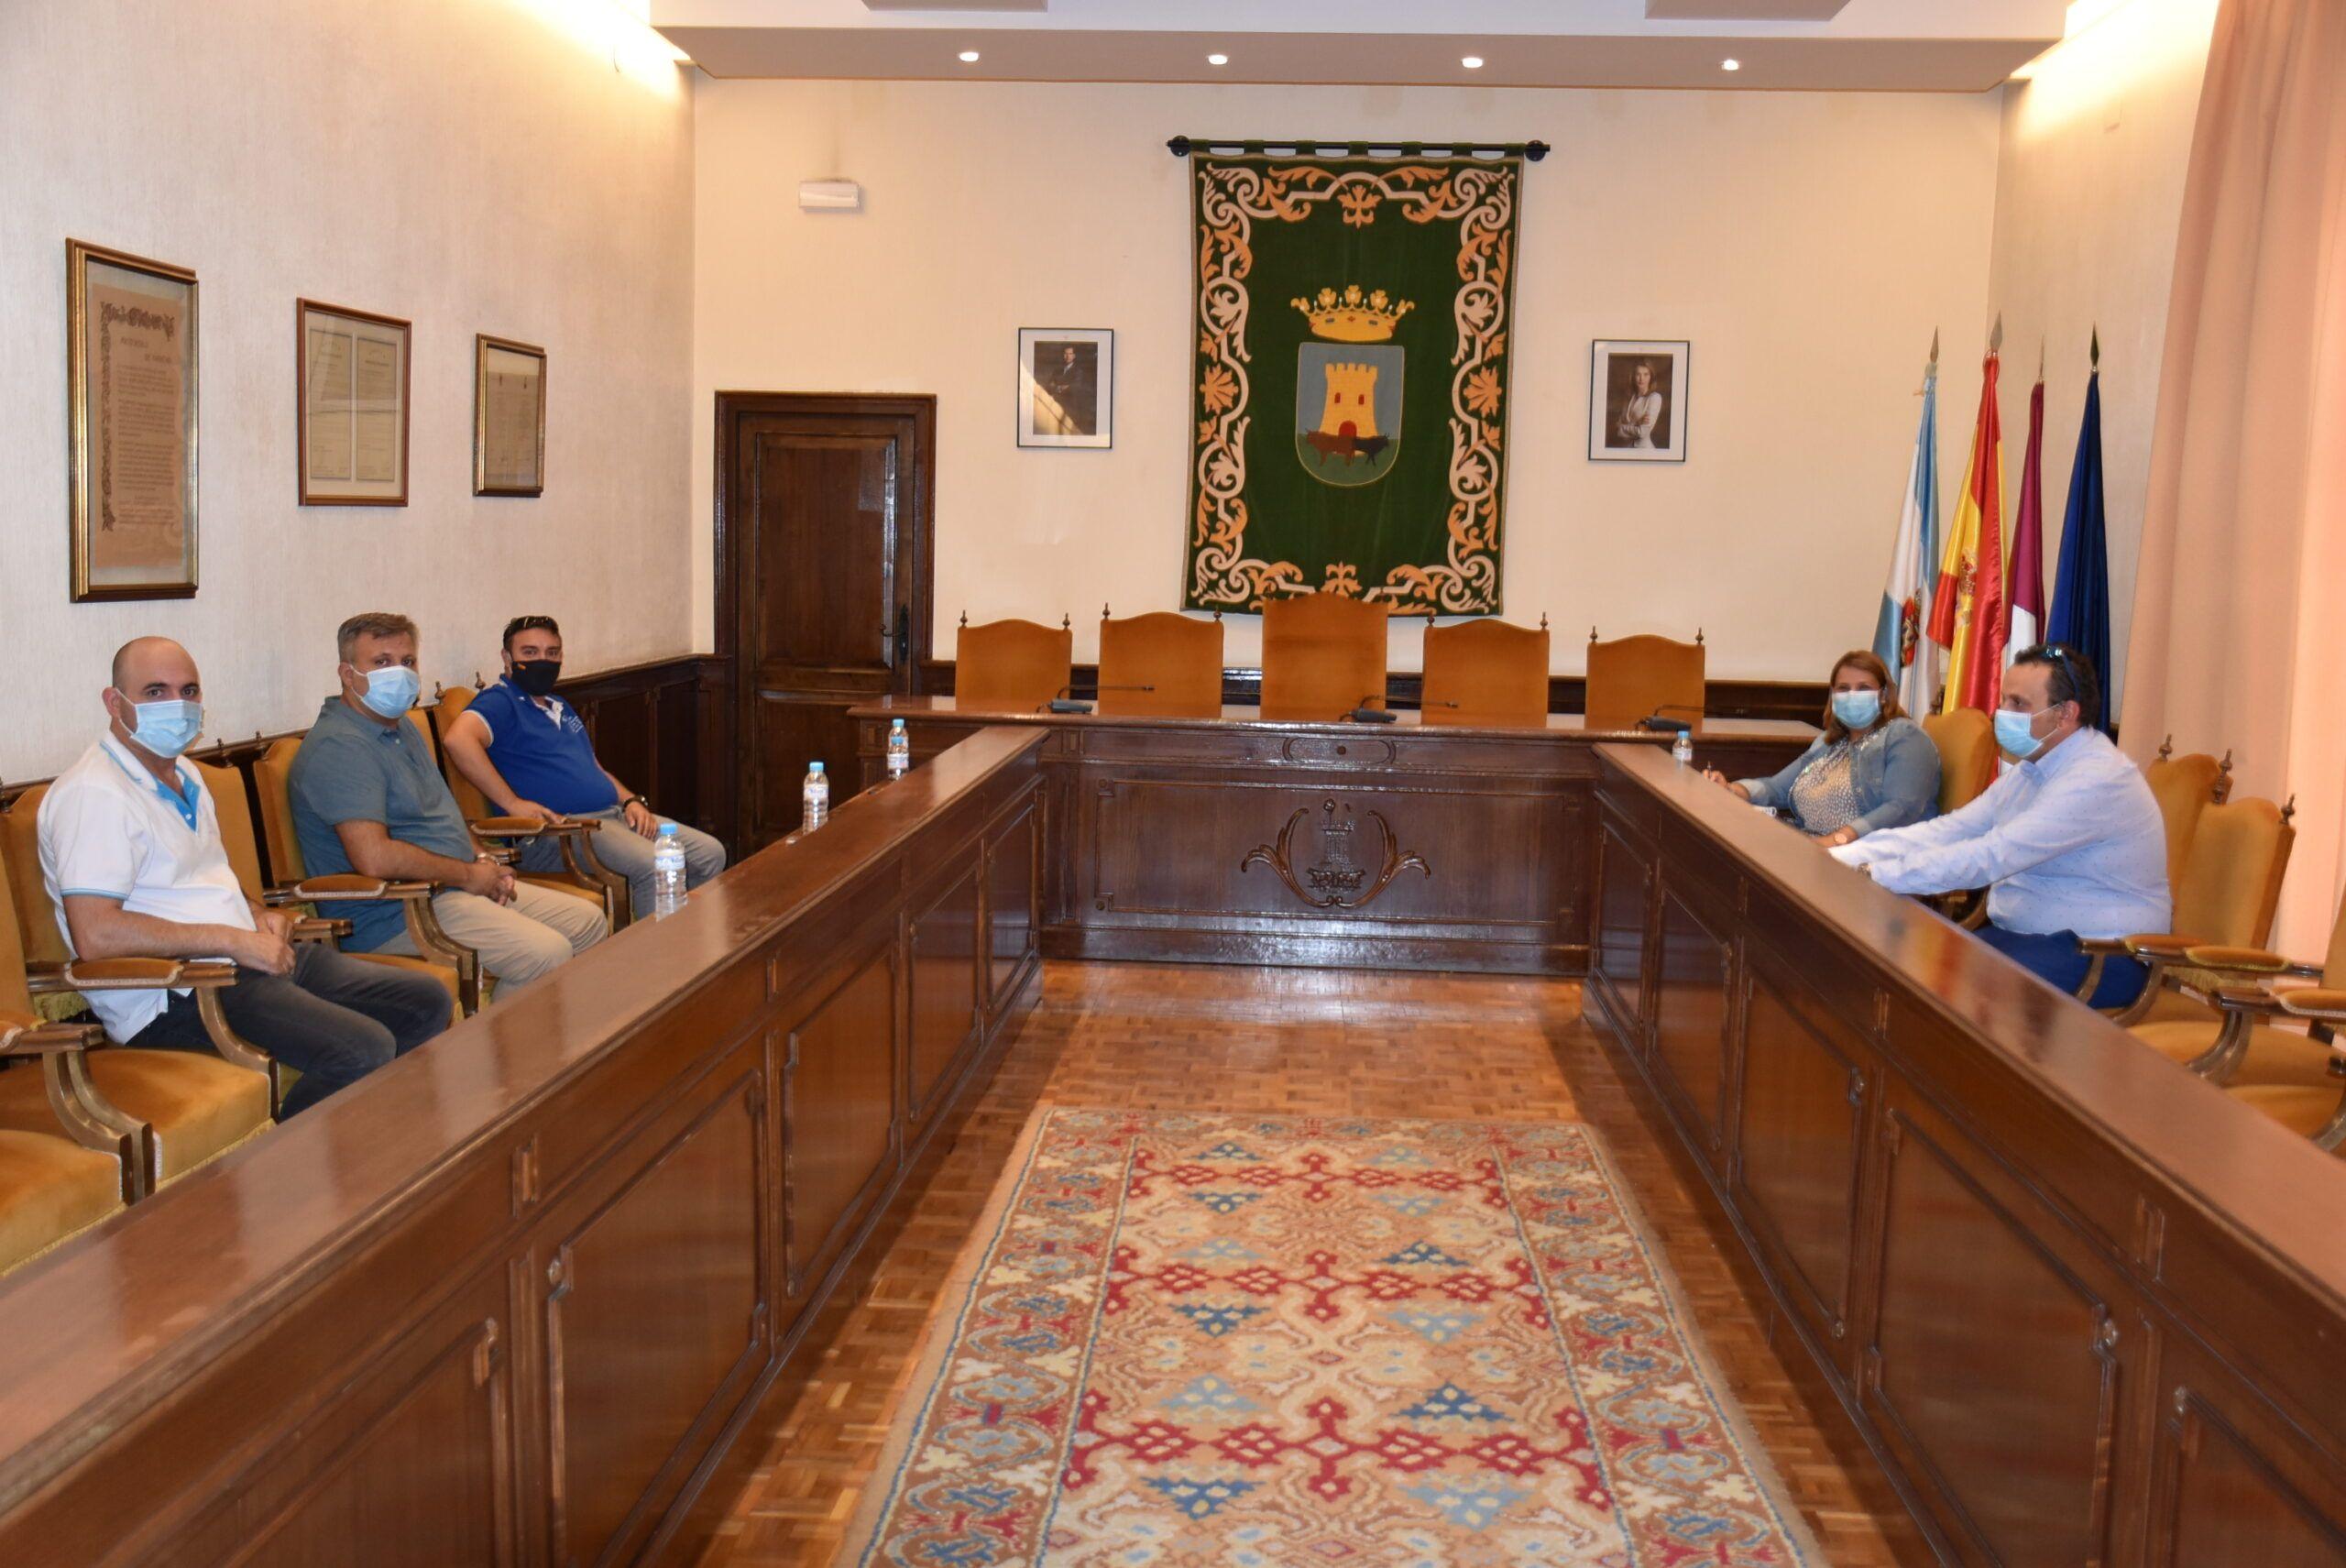 El Ayuntamiento y el colectivo de taxistas de Talavera ponen en común las demandas del sector para mejorar las condiciones de los trabajadores y el servicio a usuarios